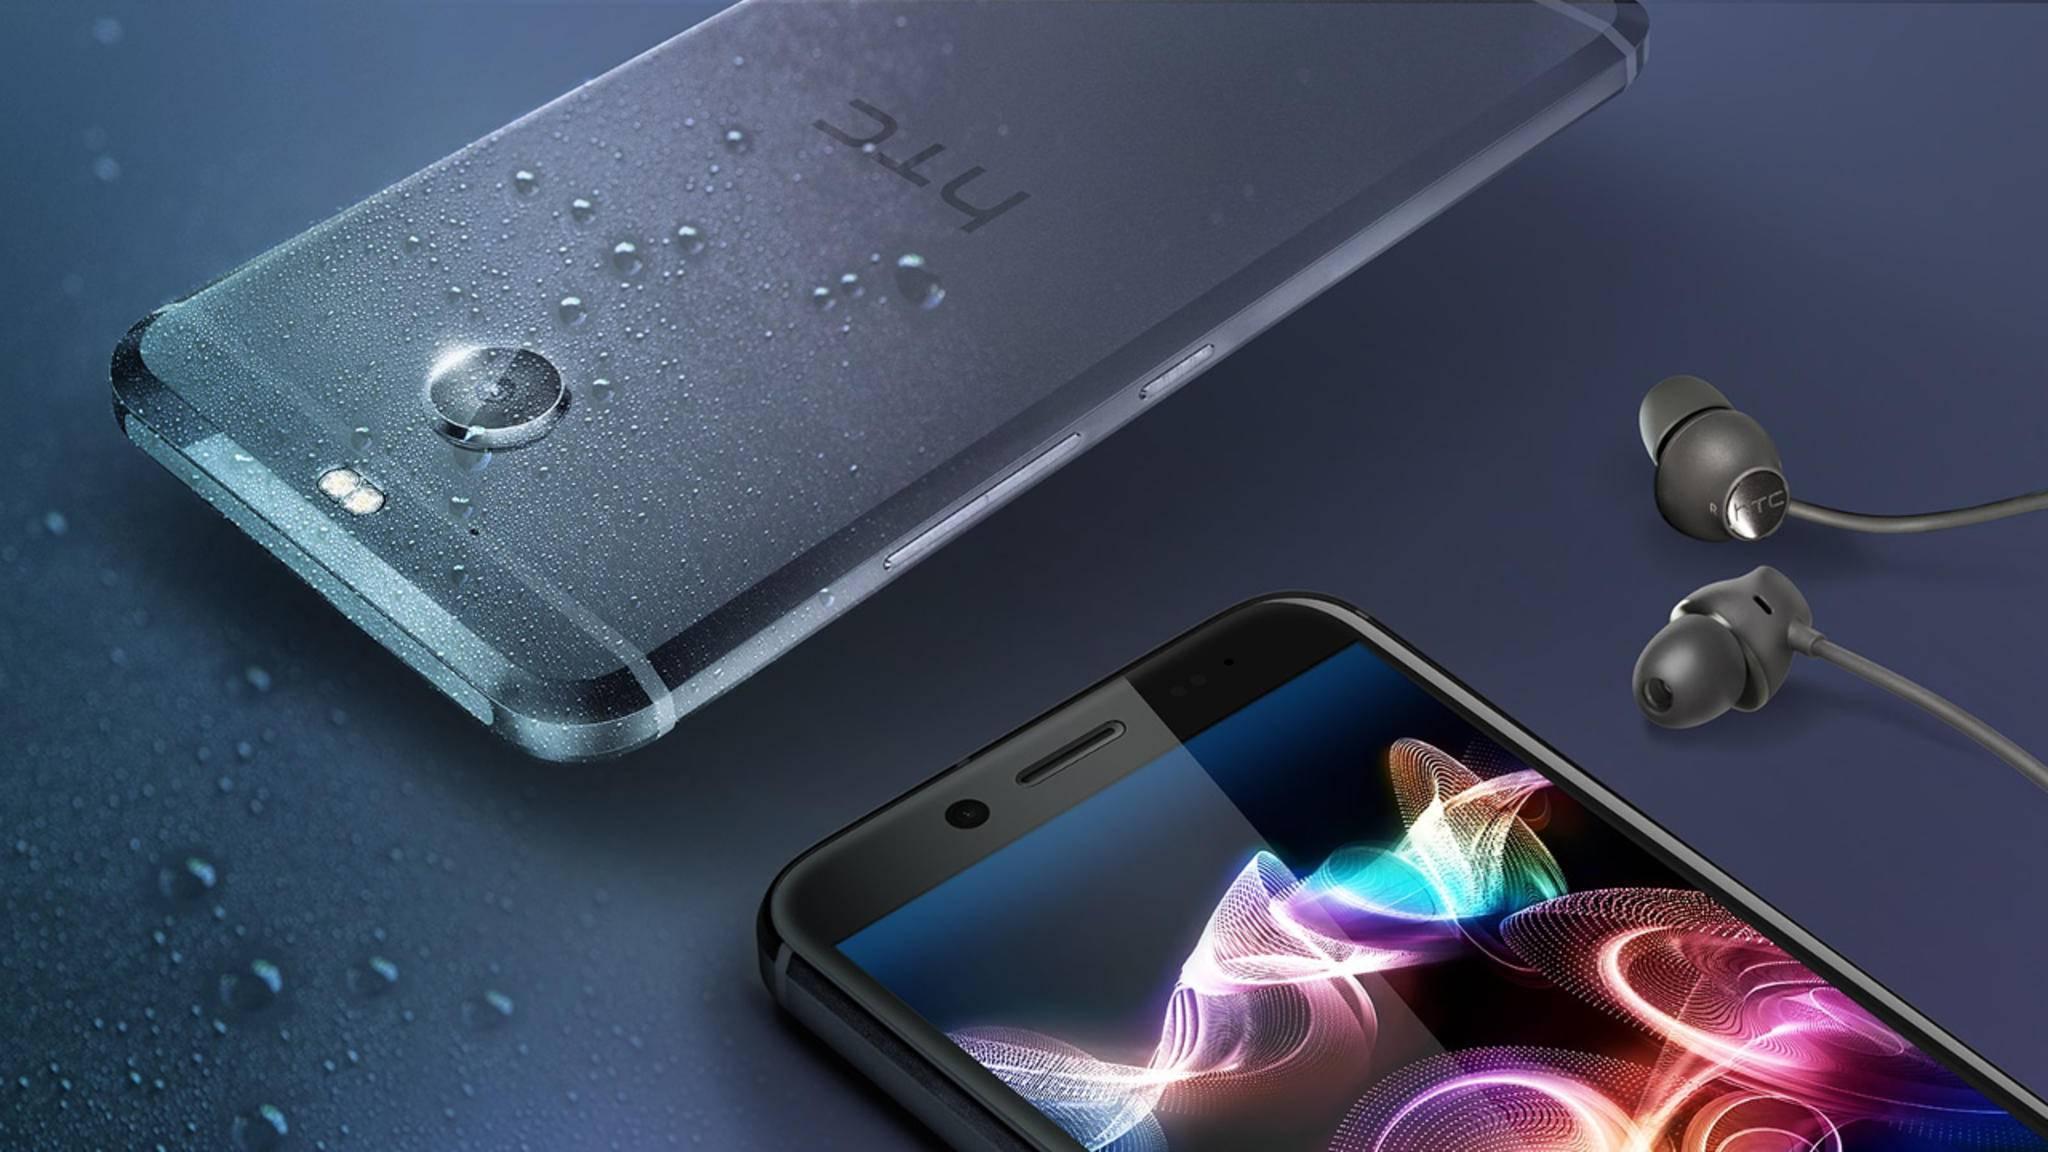 Das HTC 10 Evo ist ein Mittelklasse-Smartphone mit 5,5-Zoll-Screen.